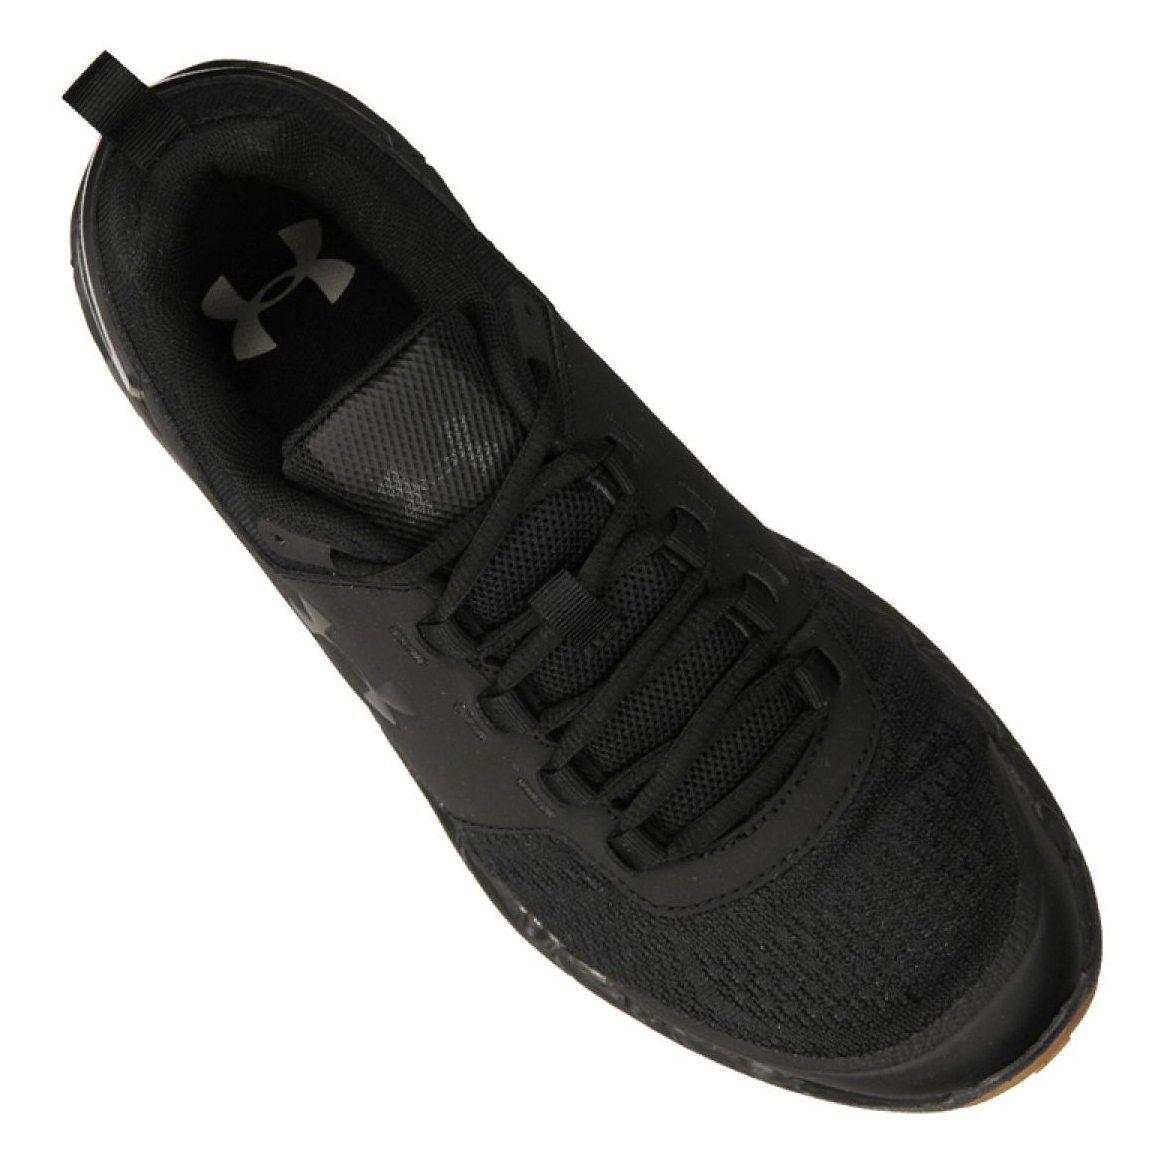 Buty Treningowe Under Armour Commit Tr Ex M 3020789 007 Czarne Training Shoes Sport Shoes Design Under Armor